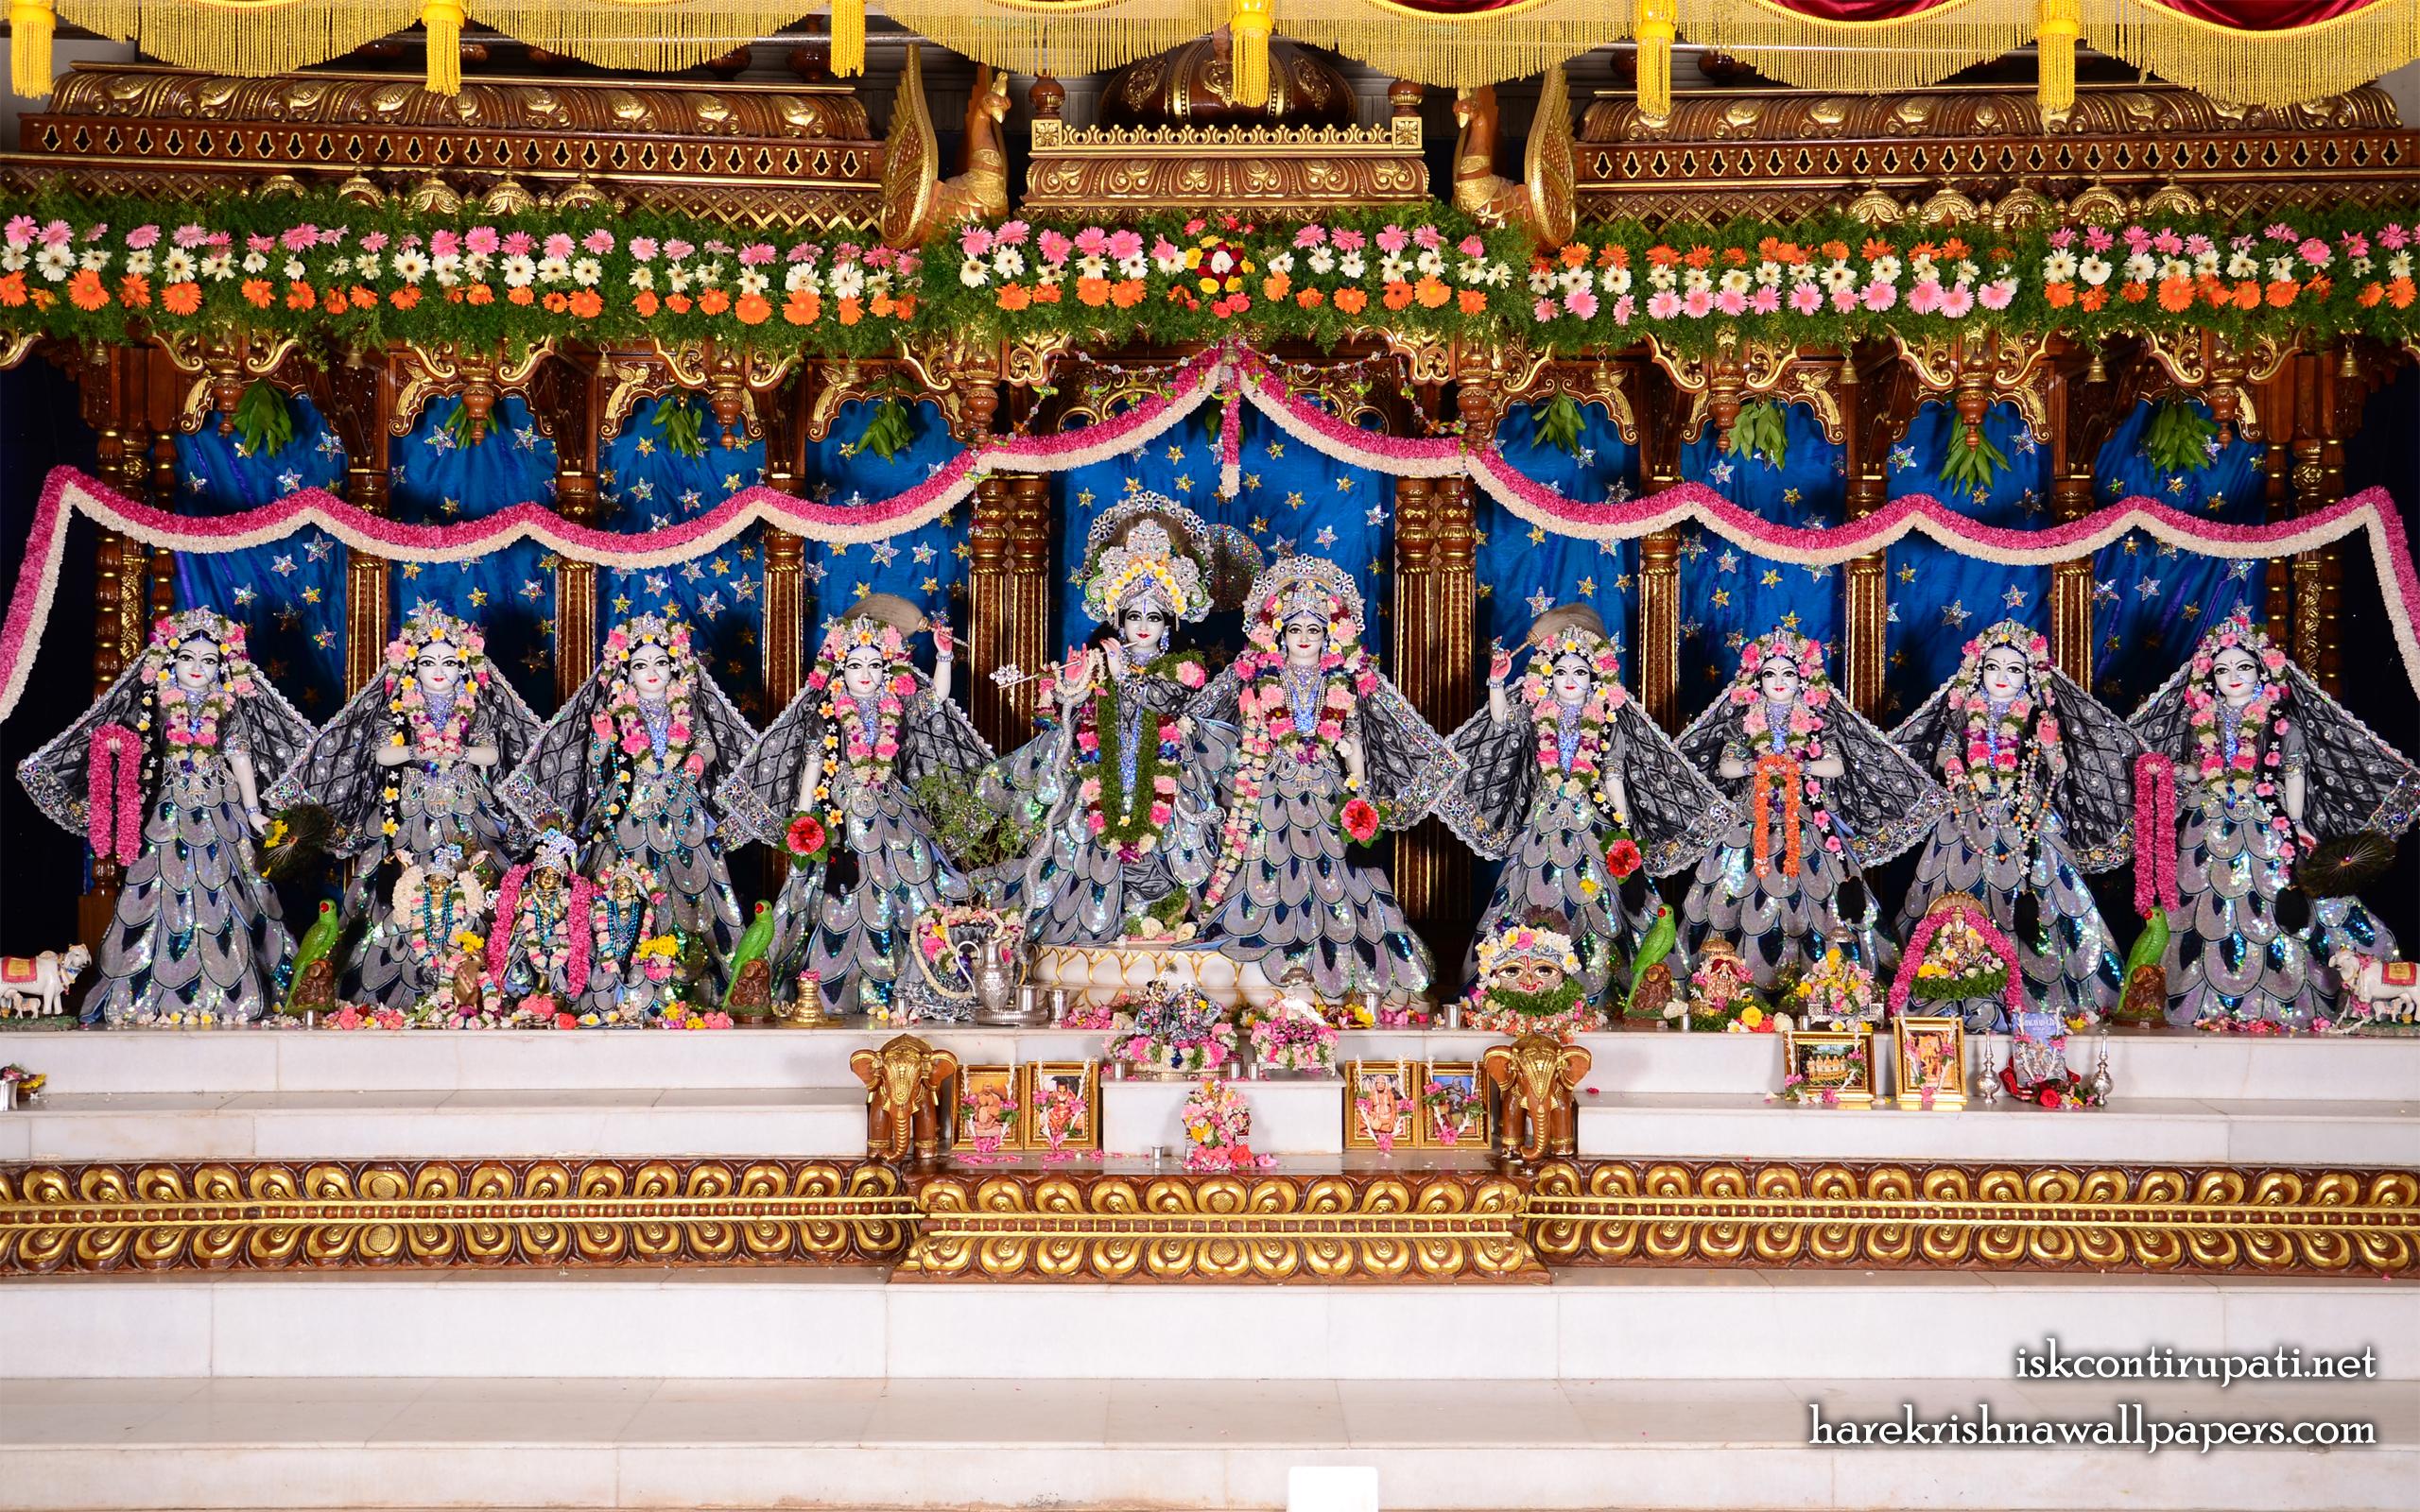 Sri Sri Radha Govinda with Ashtasakhi Wallpaper (004) Size 2560x1600 Download